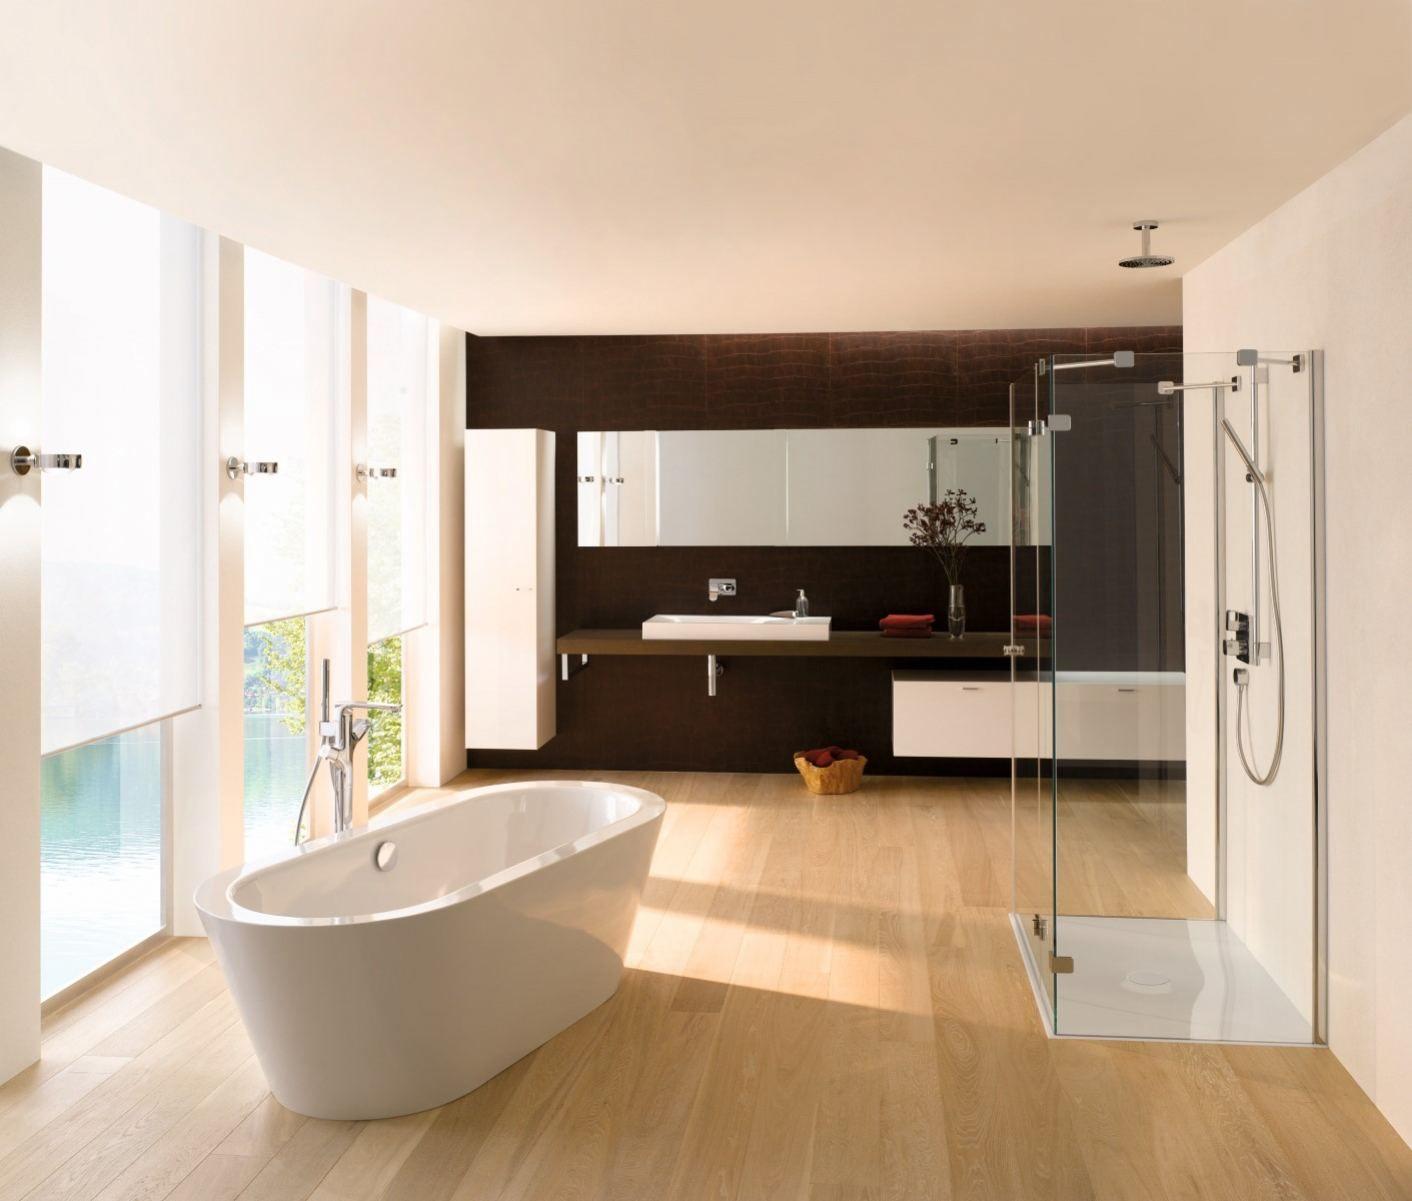 Oval badewanne im badezimmer freistehende ovalbadewanne mit konischer fugenlos angeformter - Badezimmer fugenlos ...